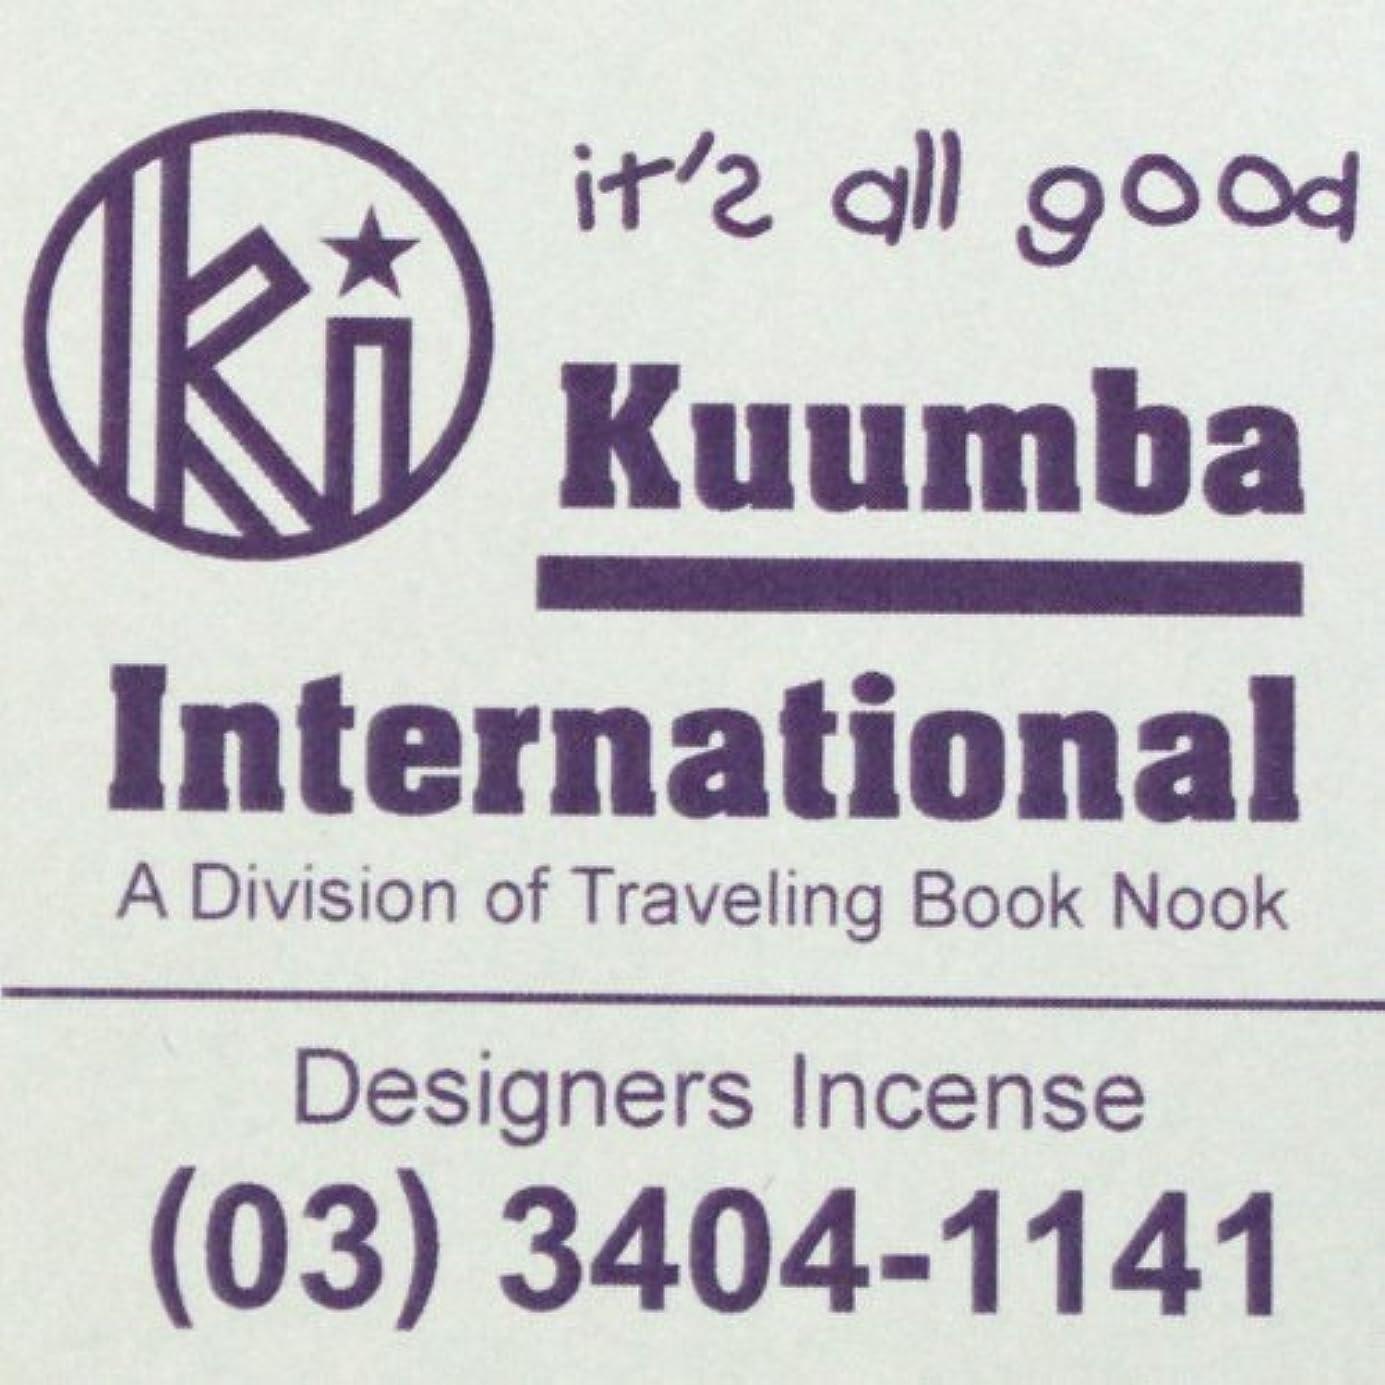 膨らみ解放する延ばすKUUMBA (クンバ)『incense』(it's all good) (Regular size)